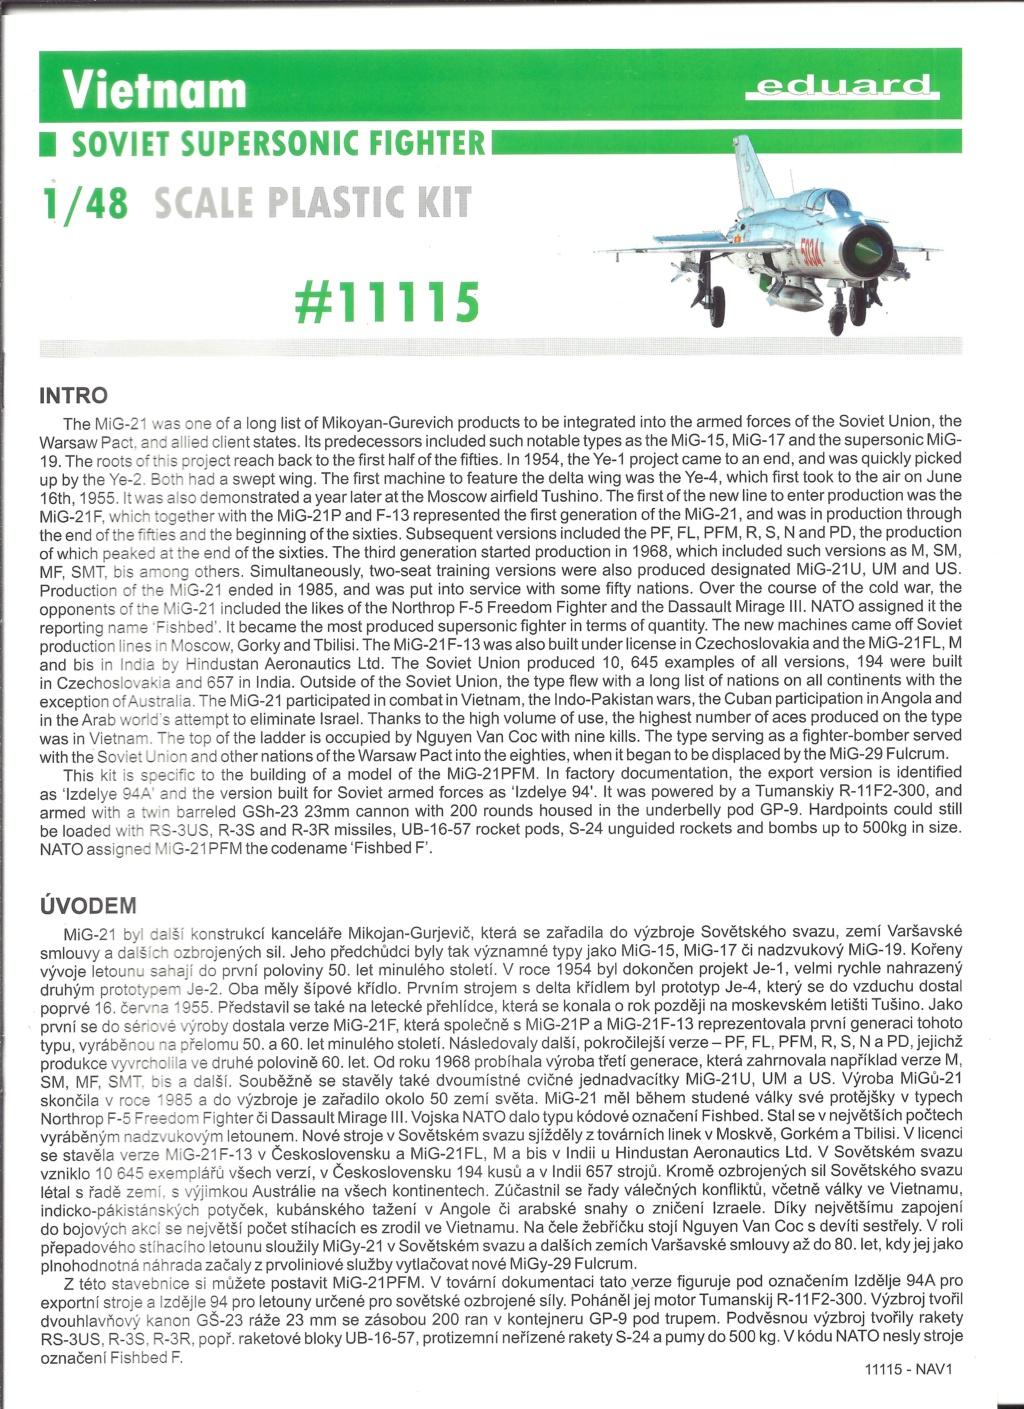 [EDUARD] MIKOYAN & GOUREVITCH MIG 21 PFM VIÊTNAM 1/48ème Réf 11115 Eduard13